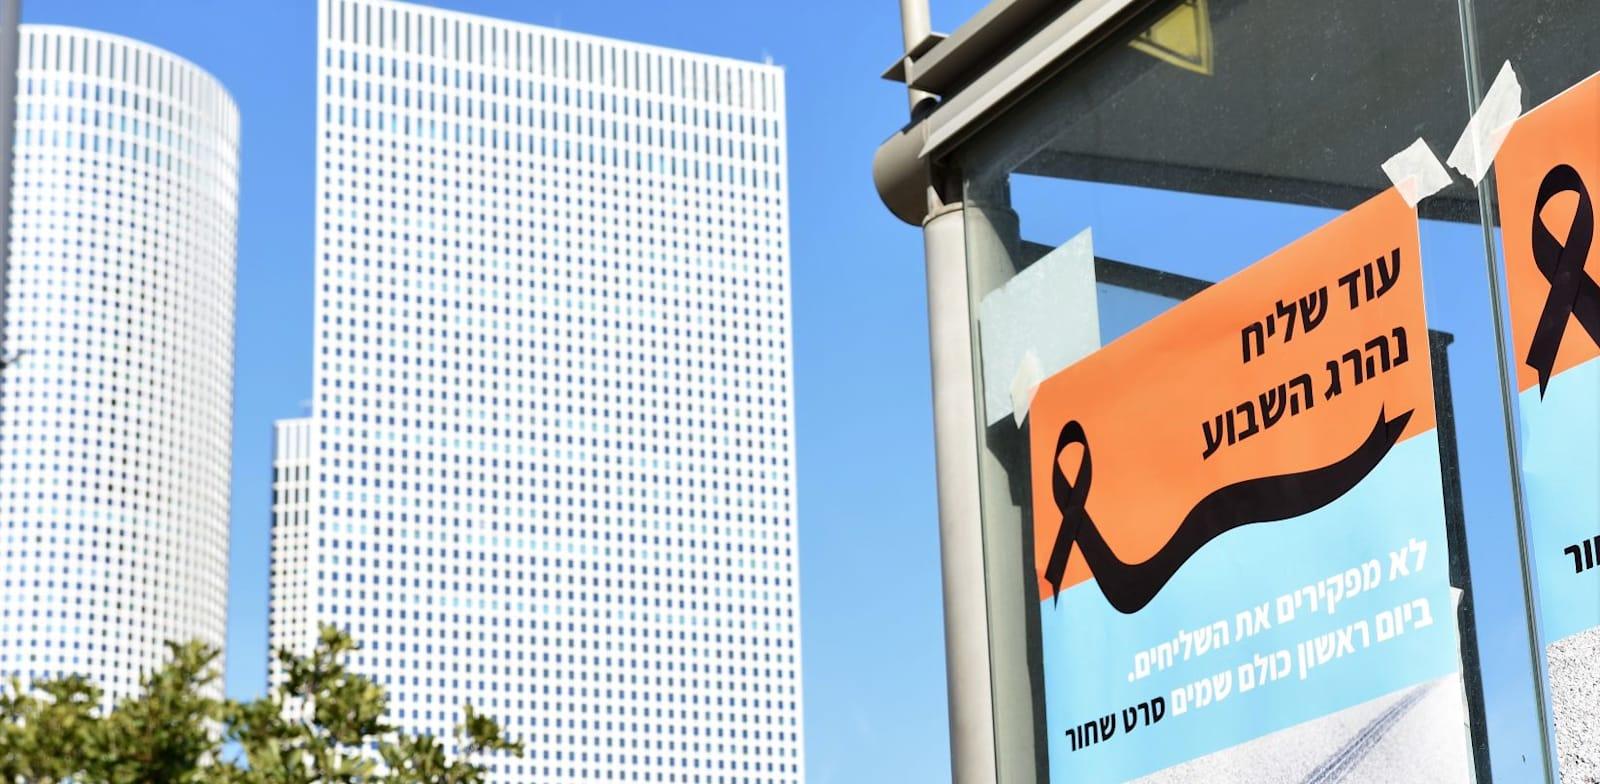 שלט מחאה של עובדי תן ביס / צילום: אגף הדוברות בהסתדרות